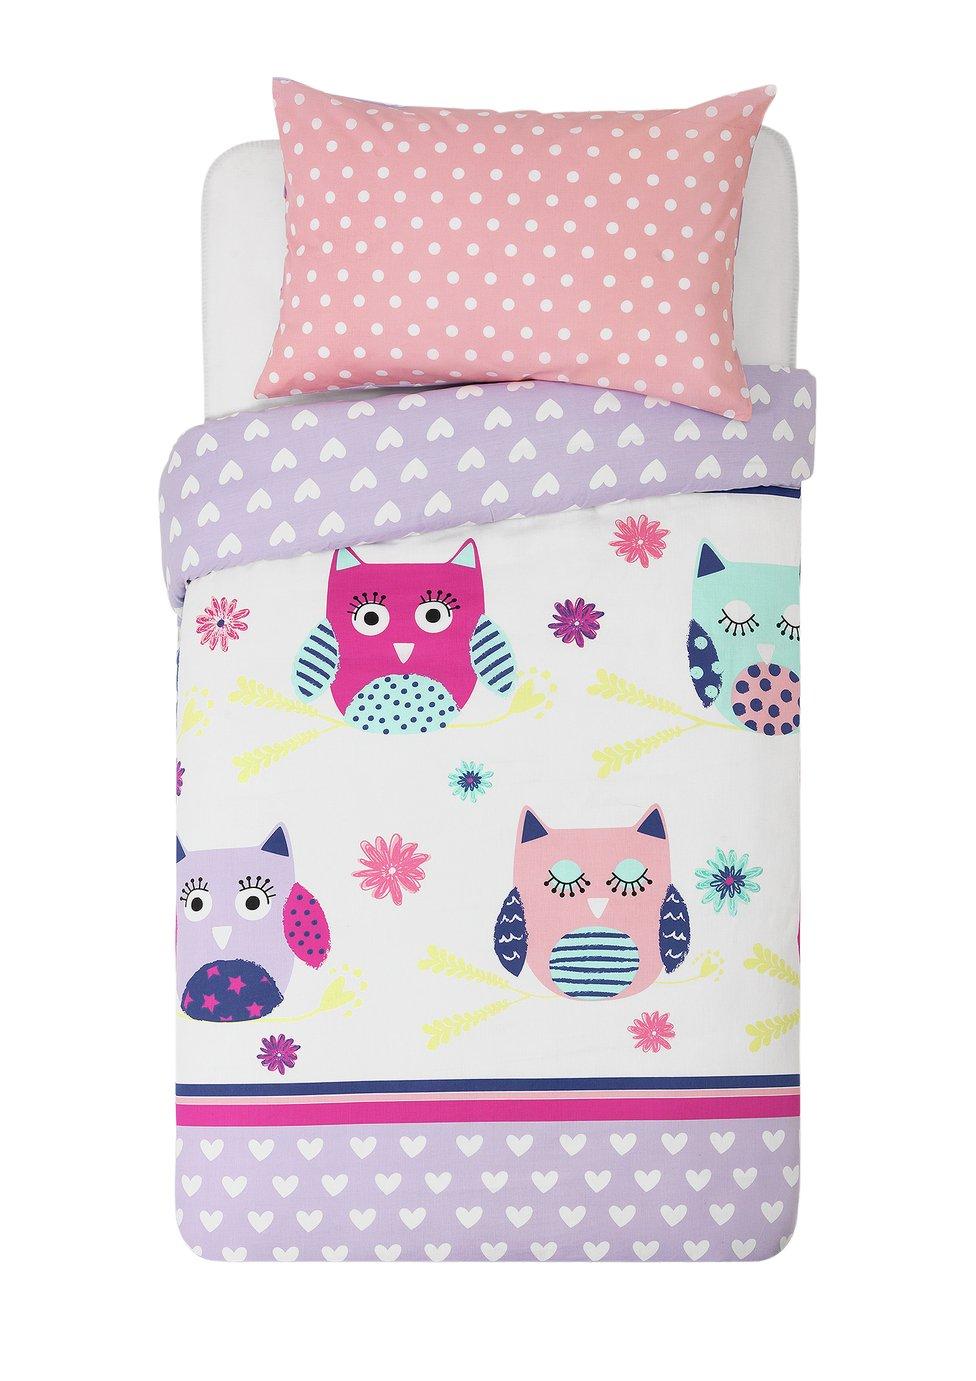 home  owls  bedding set  toddler